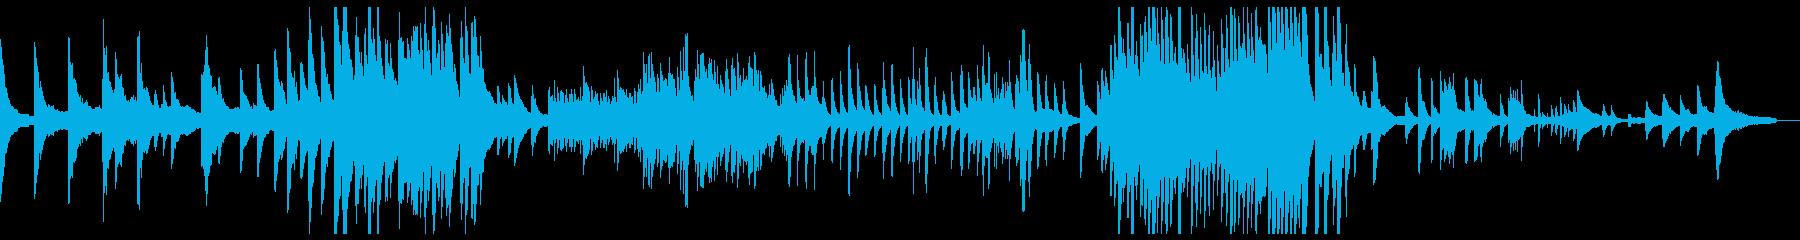 しっとりしたピアノソロバラードの再生済みの波形